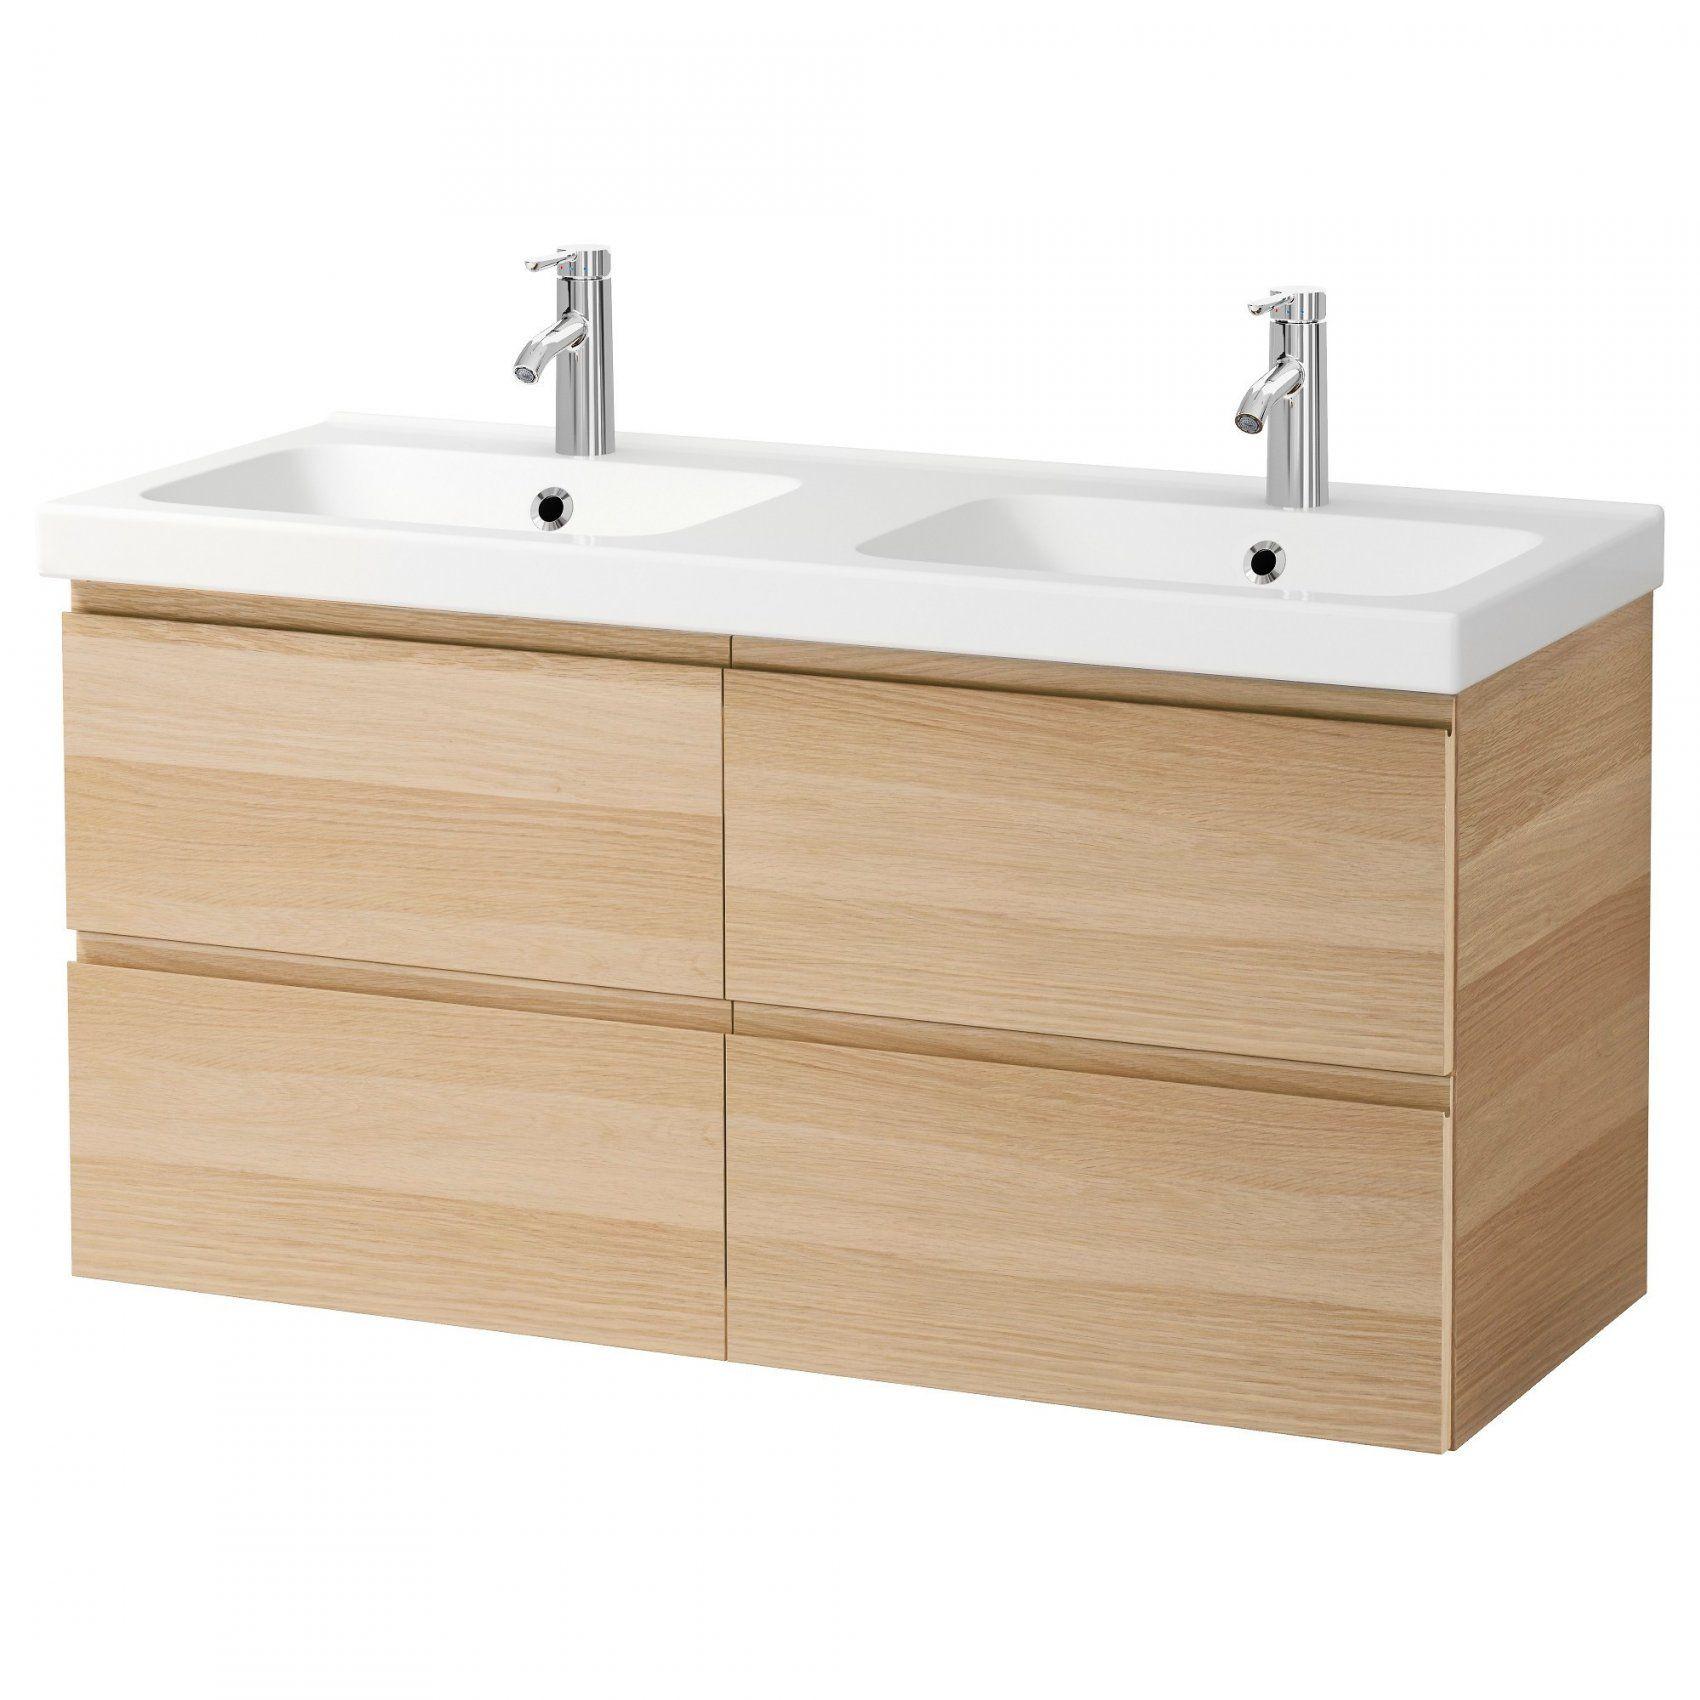 Waschbecken Ikea  Waschbecken Mit Unterschrank Ikea